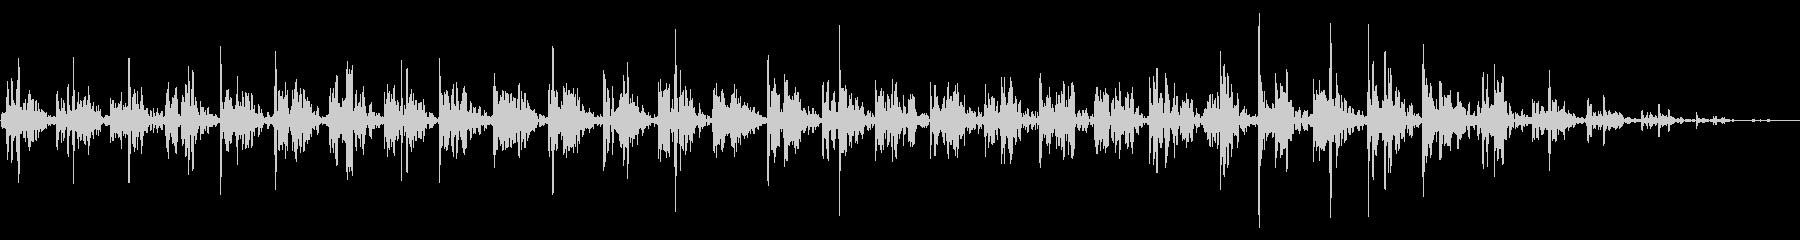 絶え間ない鈍いハートビートヒットの未再生の波形